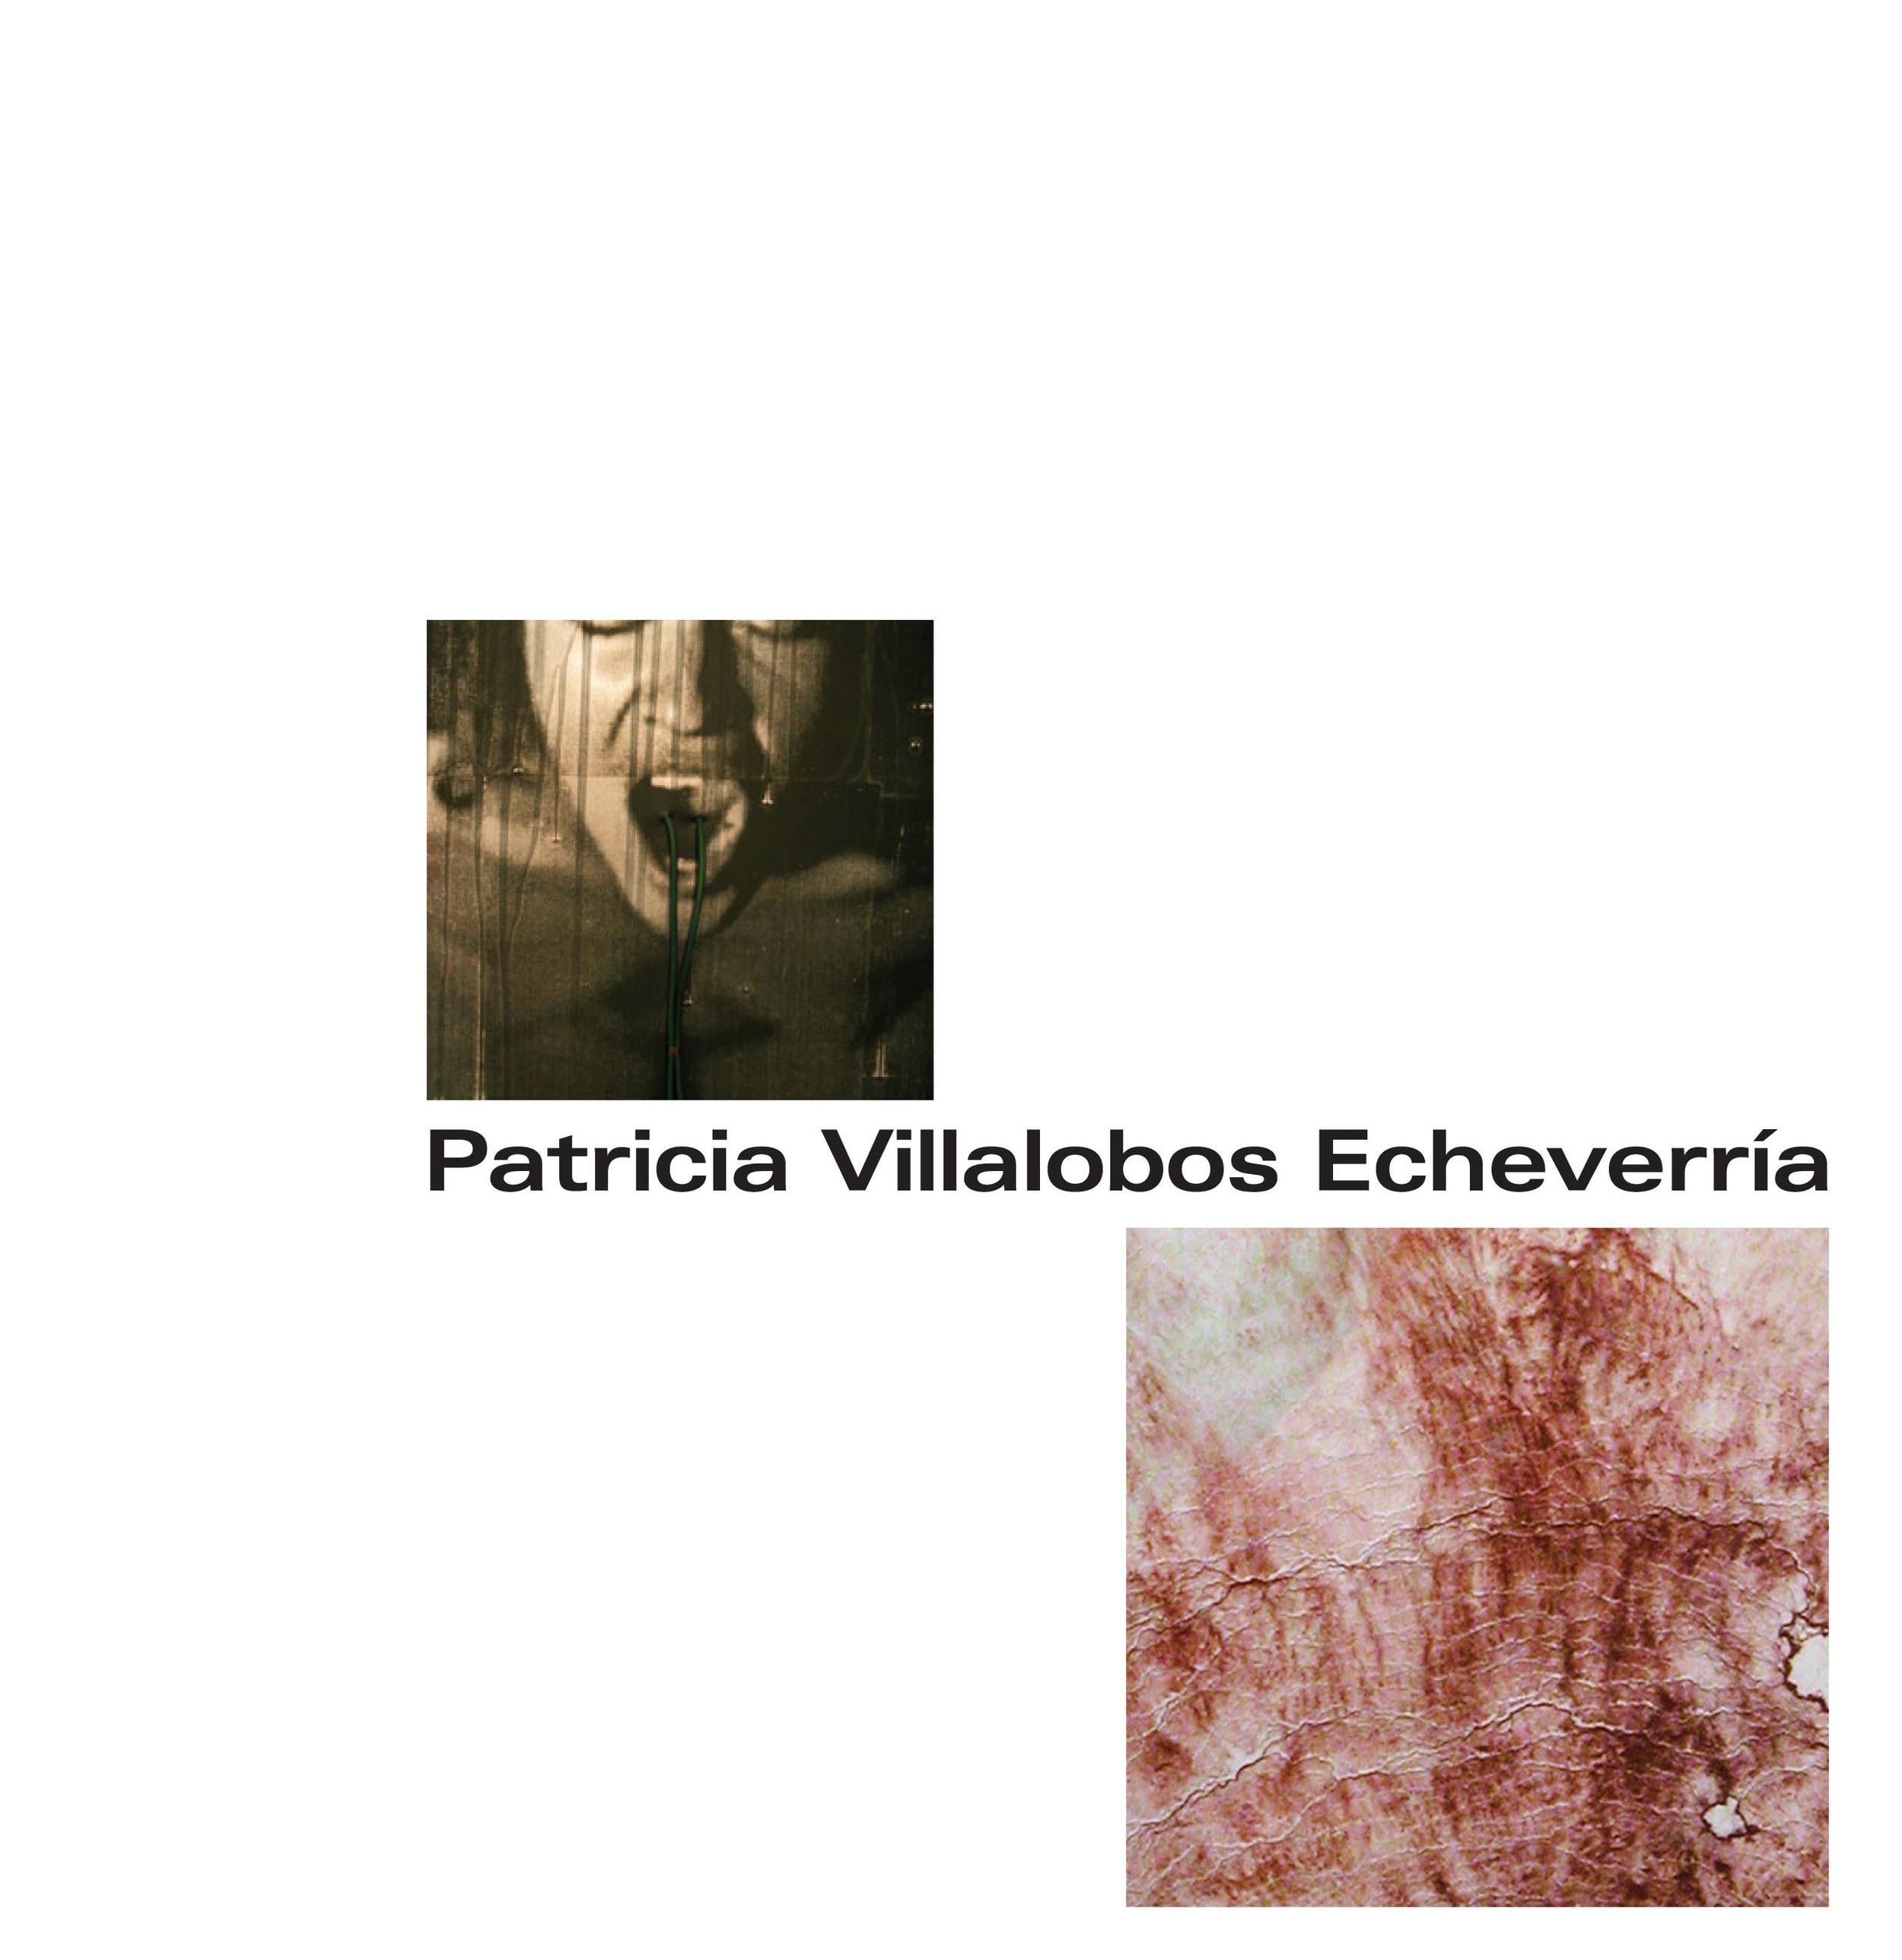 Patricia Villalobos Echeverria Catalogue sample-1.jpg